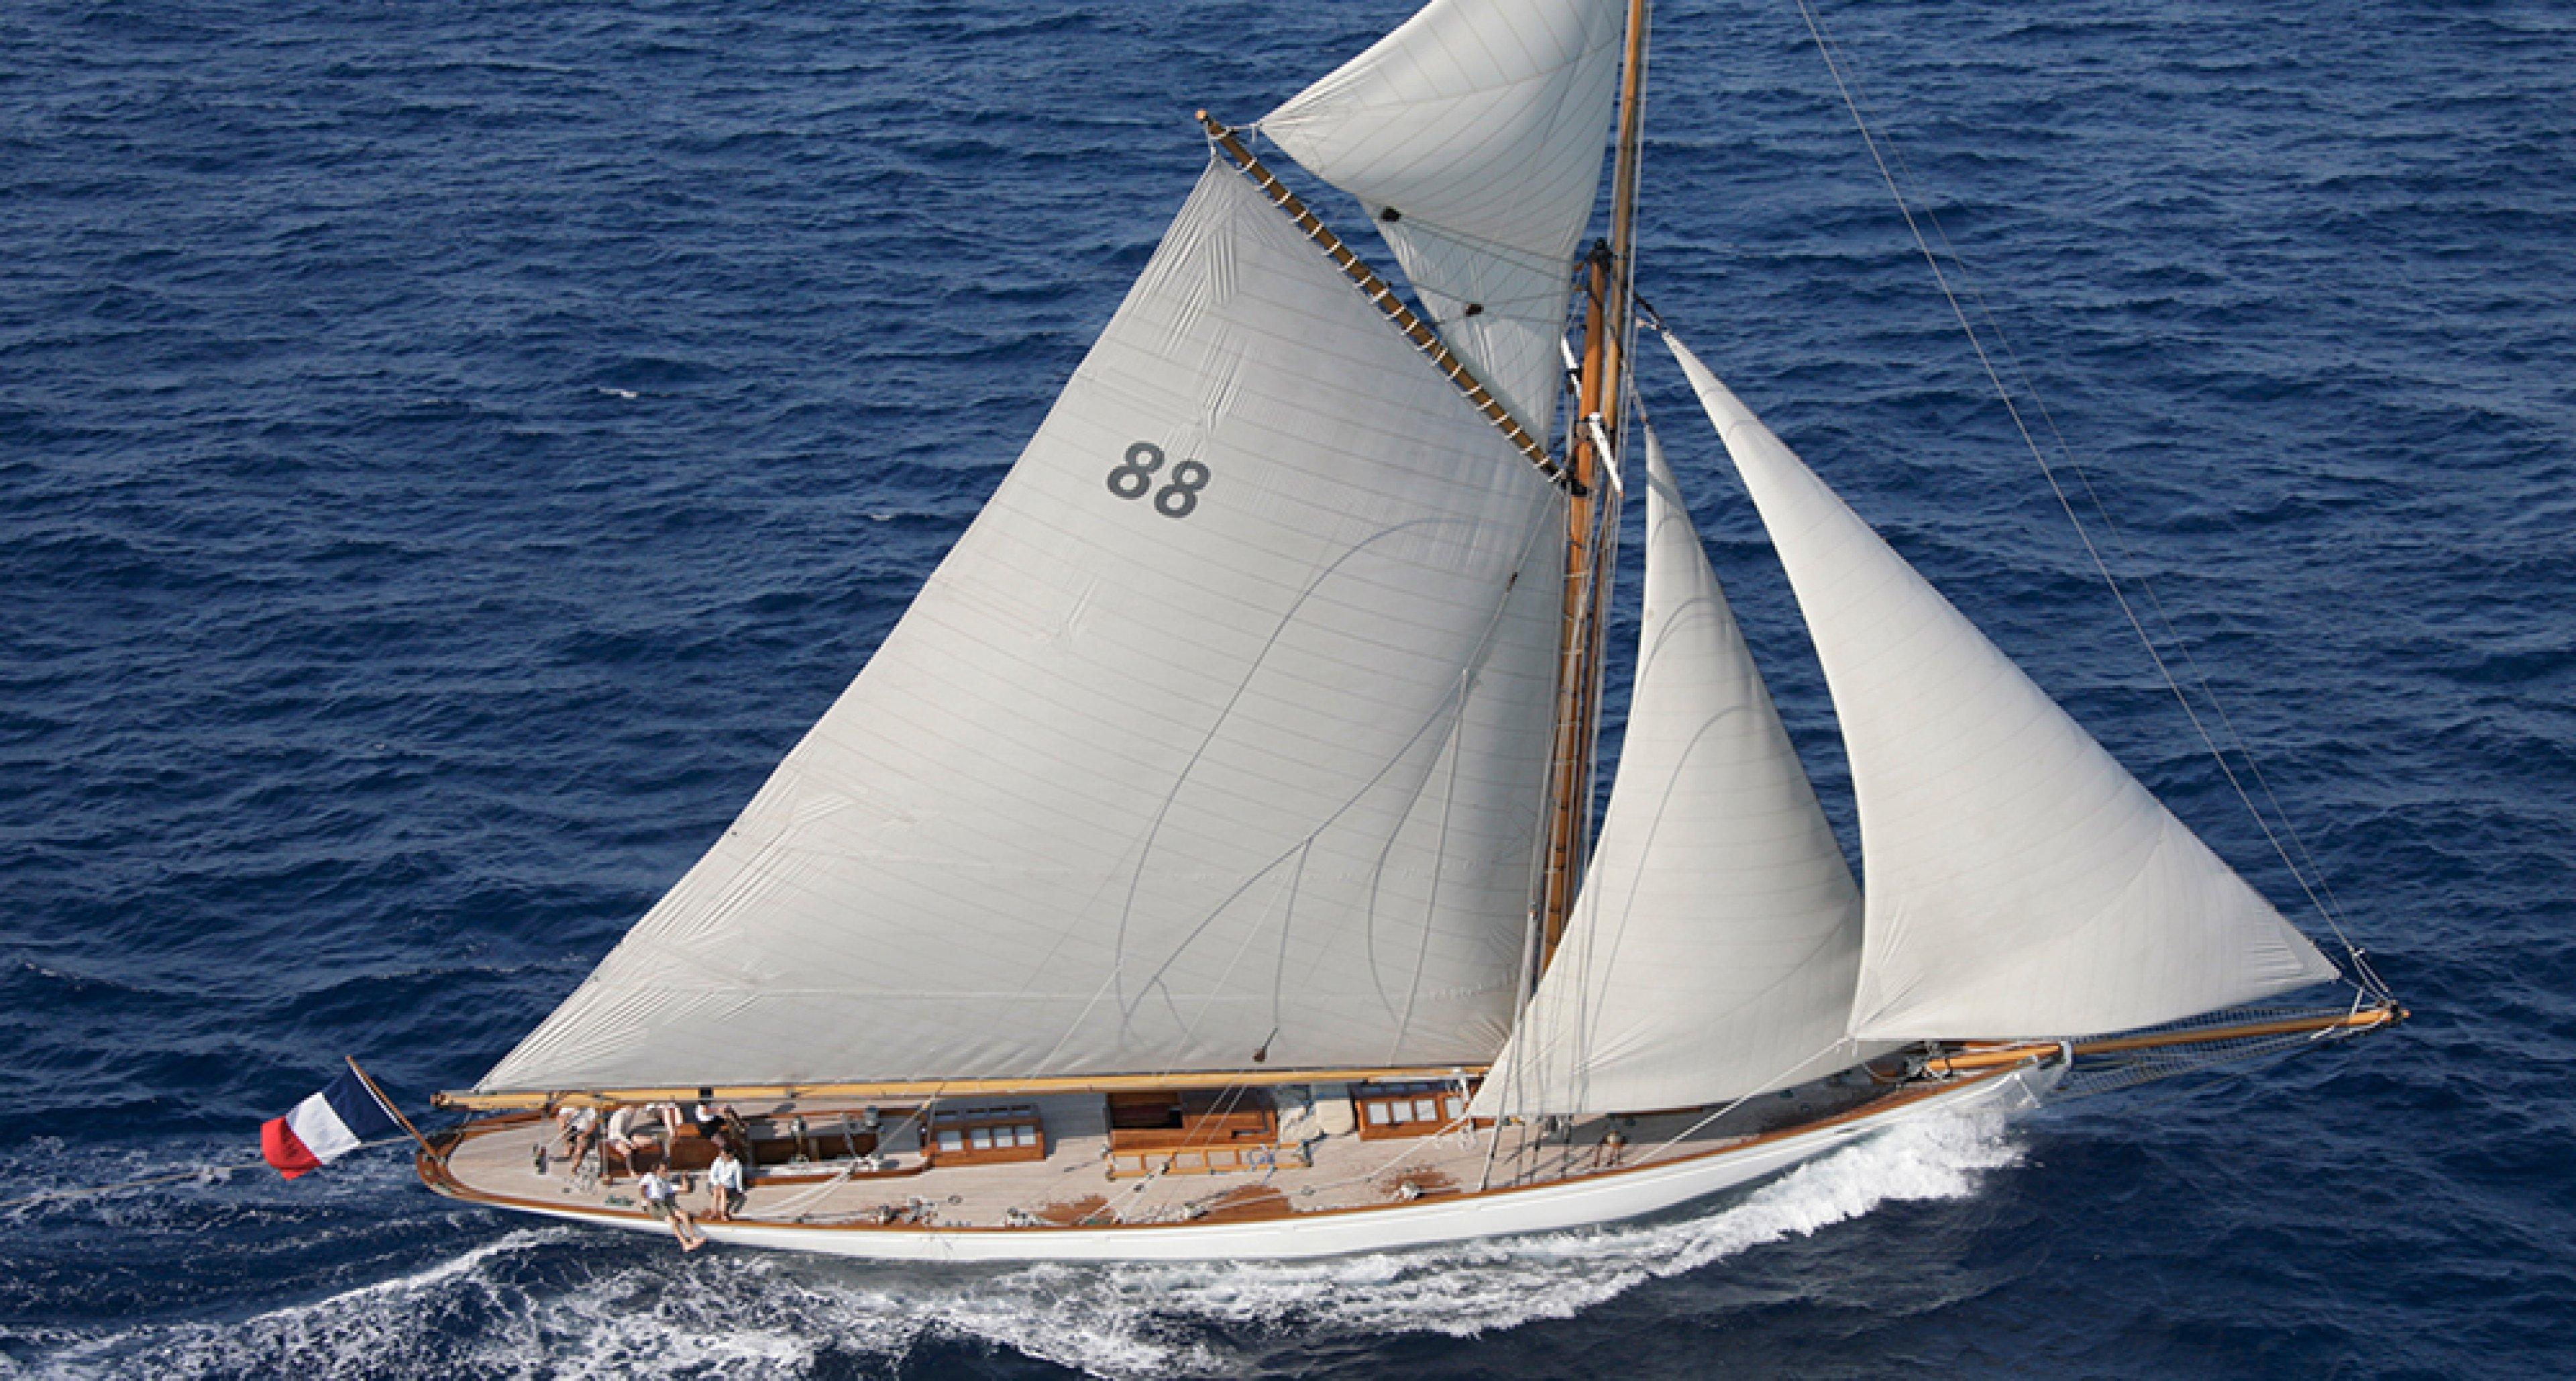 Klassische segelyachten  Die legendäre Segelyacht Moonbeam III wird versteigert | Classic ...